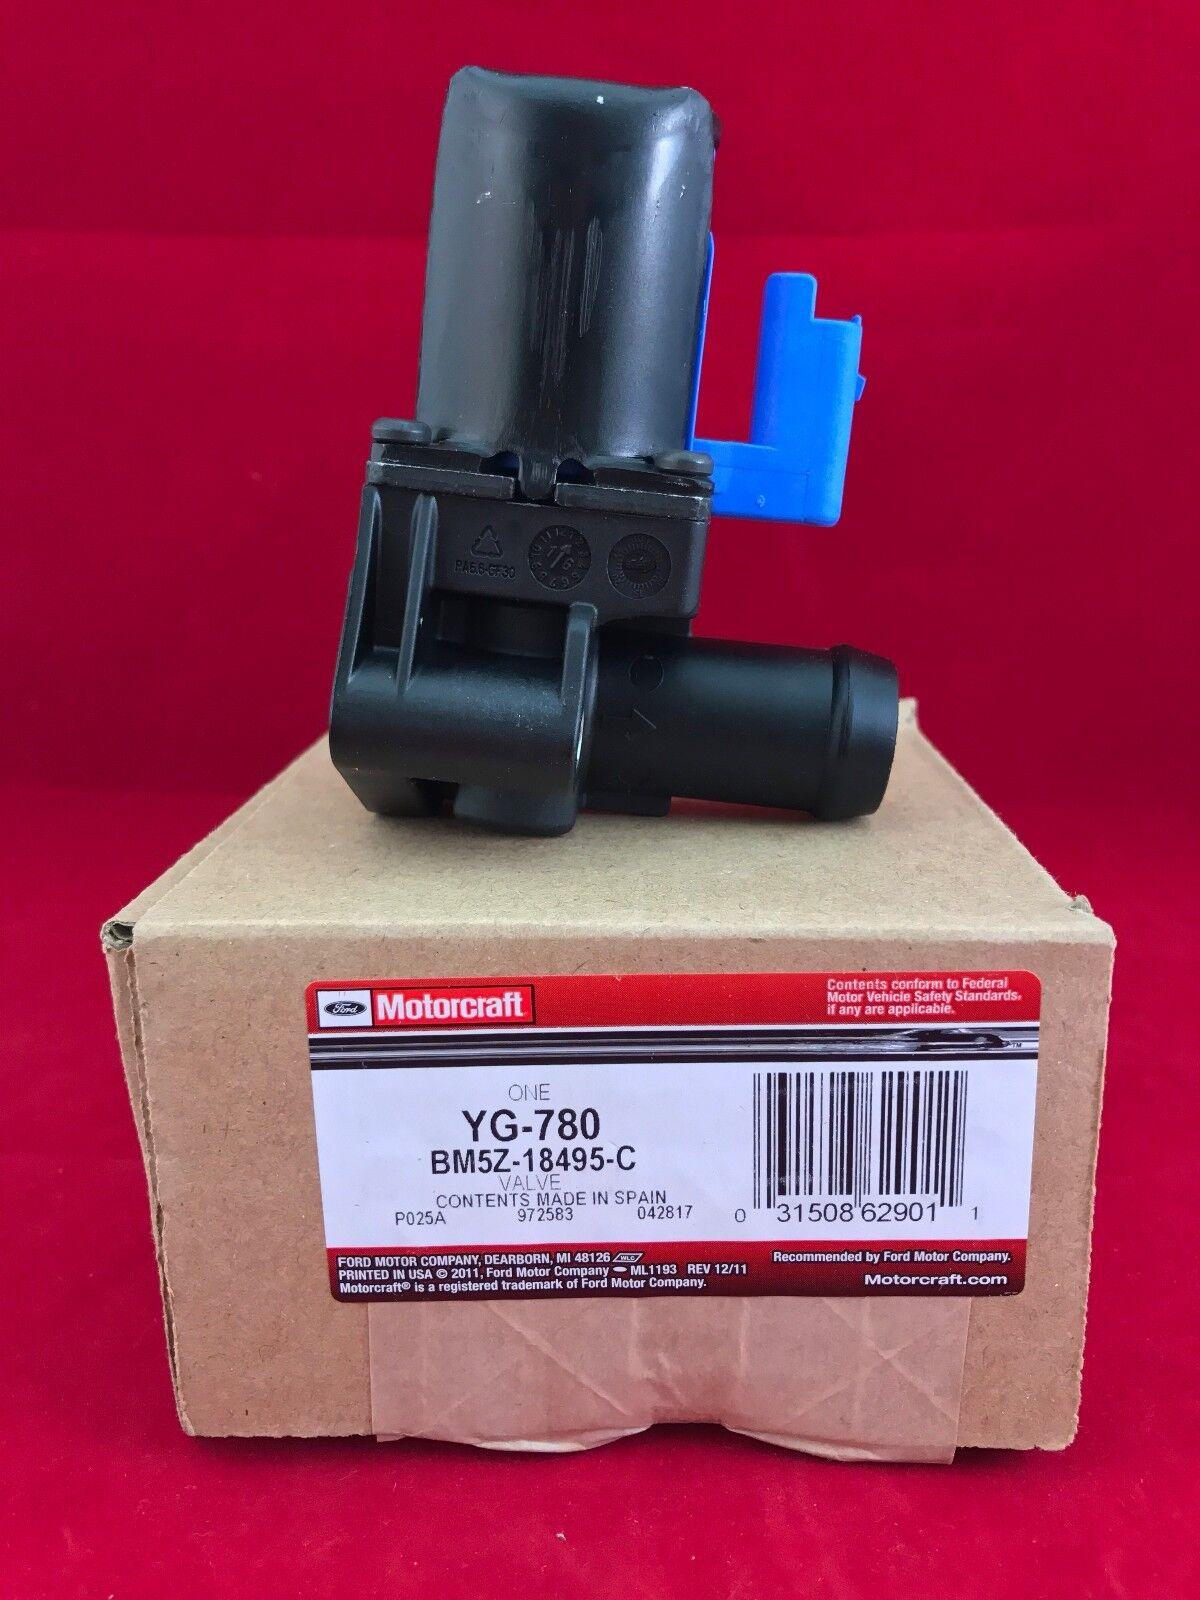 New Genuine Ford Motorcraft HVAC Heater Left Control Valve YG-780 BM5Z-18495-C